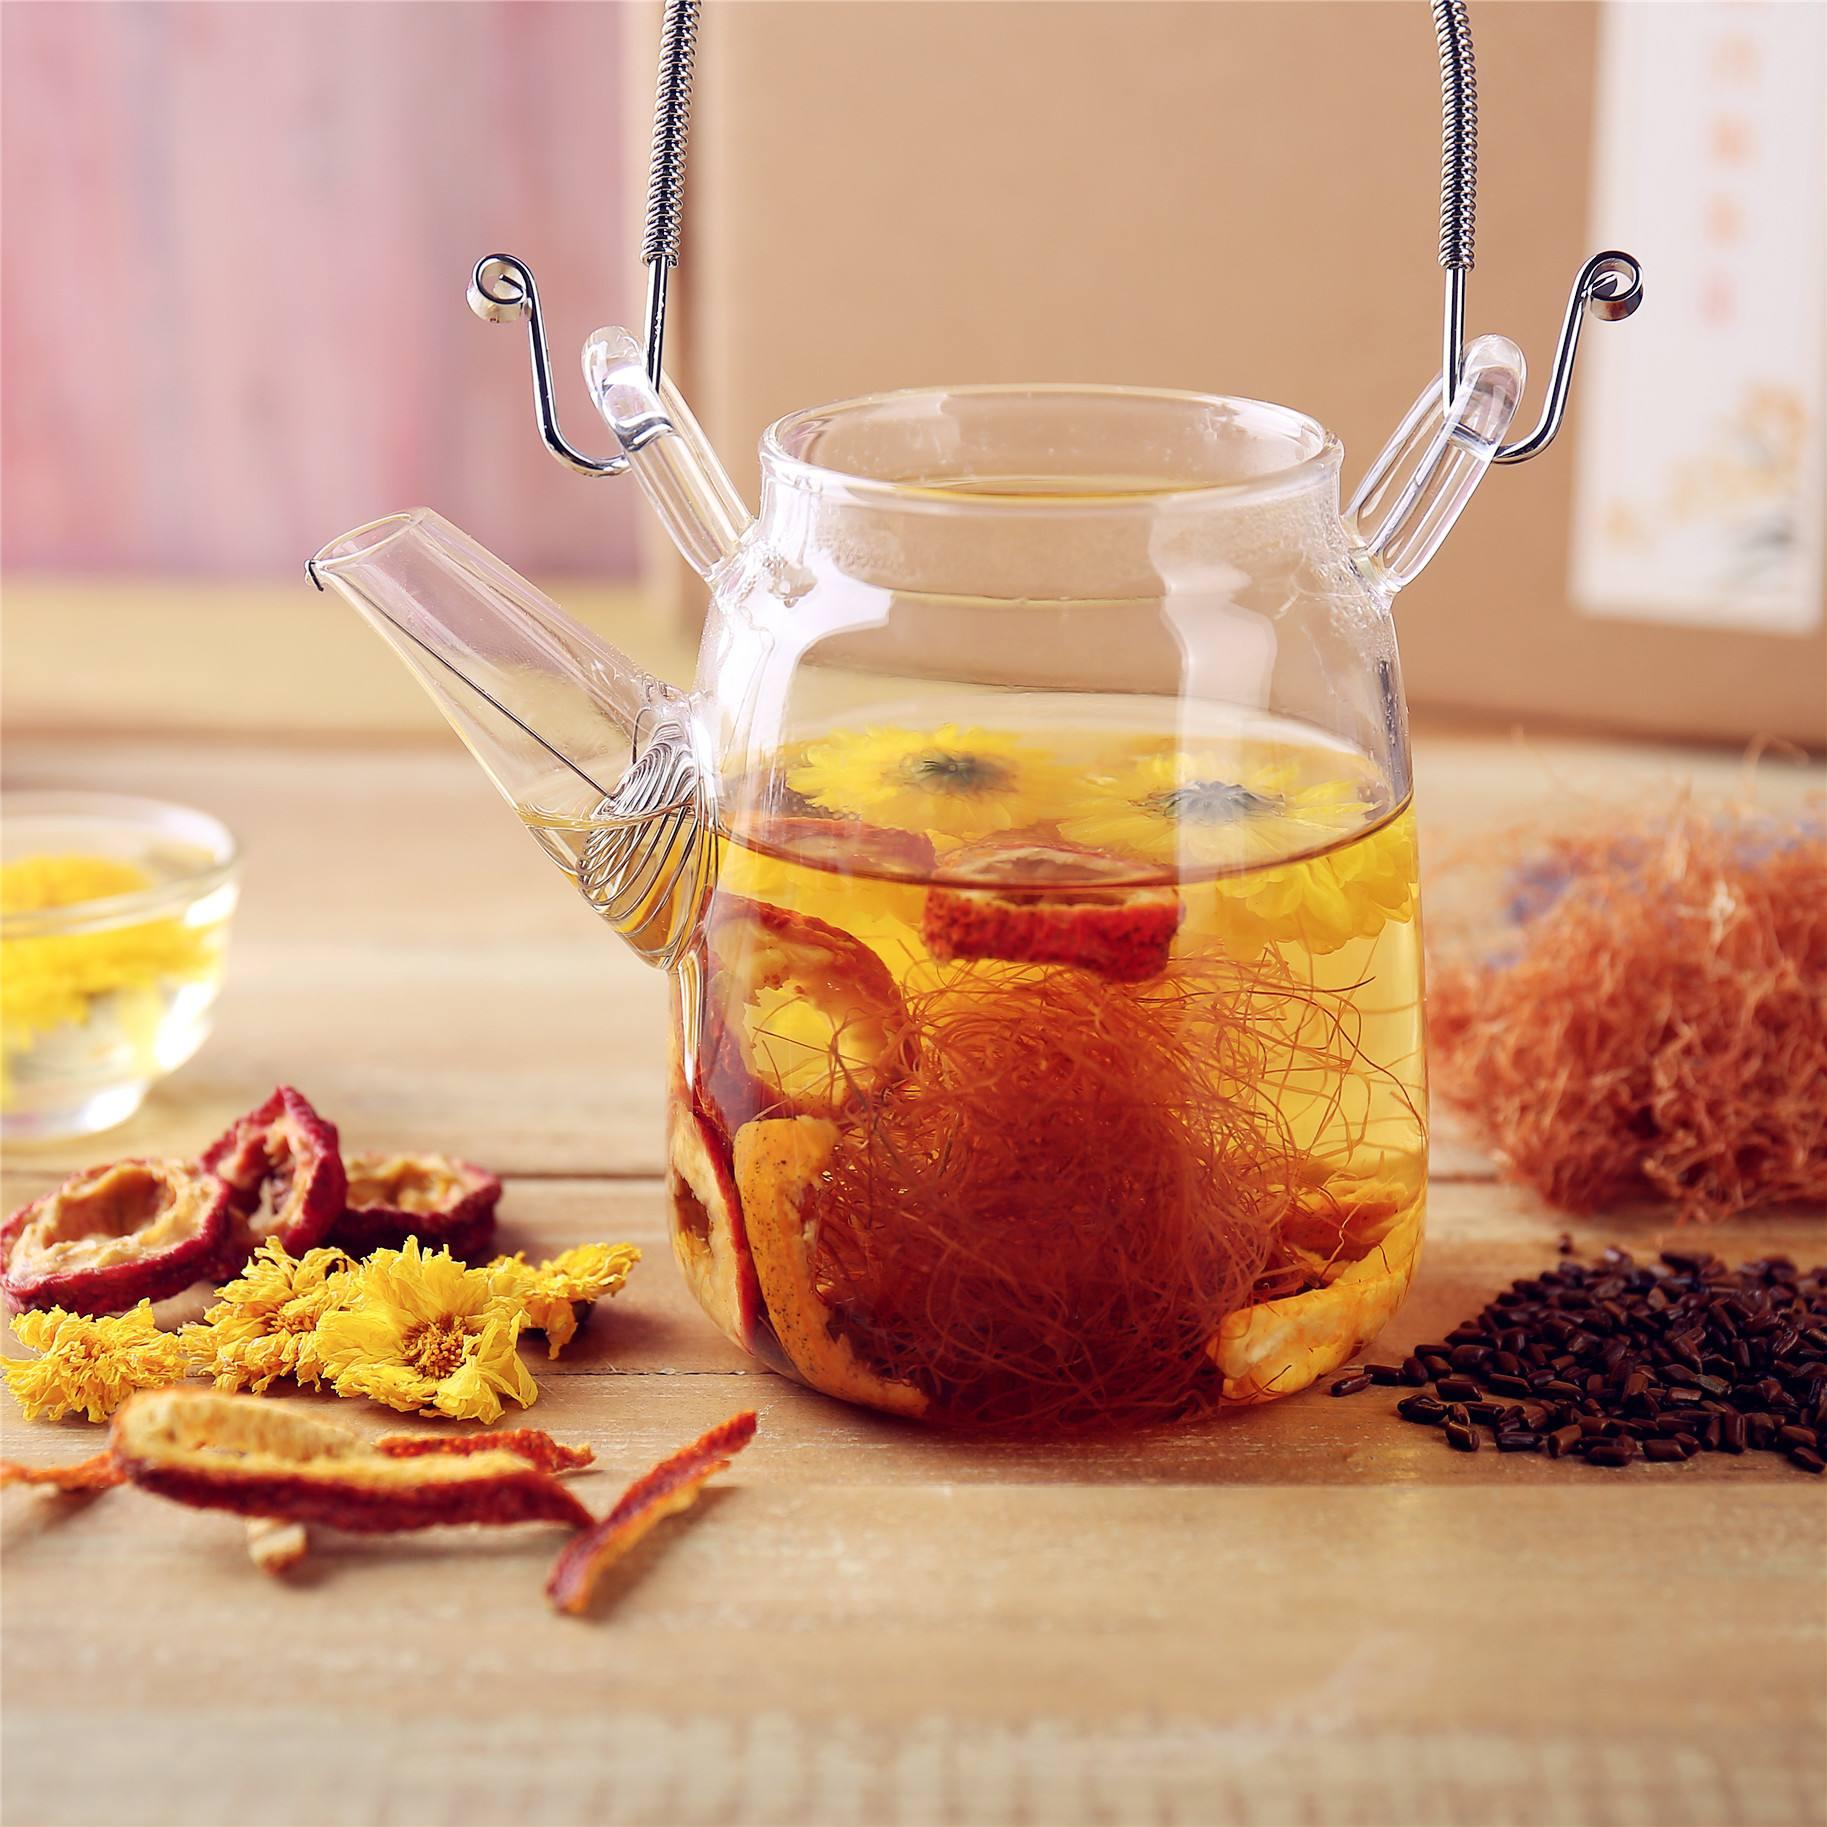 玫瑰陈皮茶能减肥吗?怎样制作?